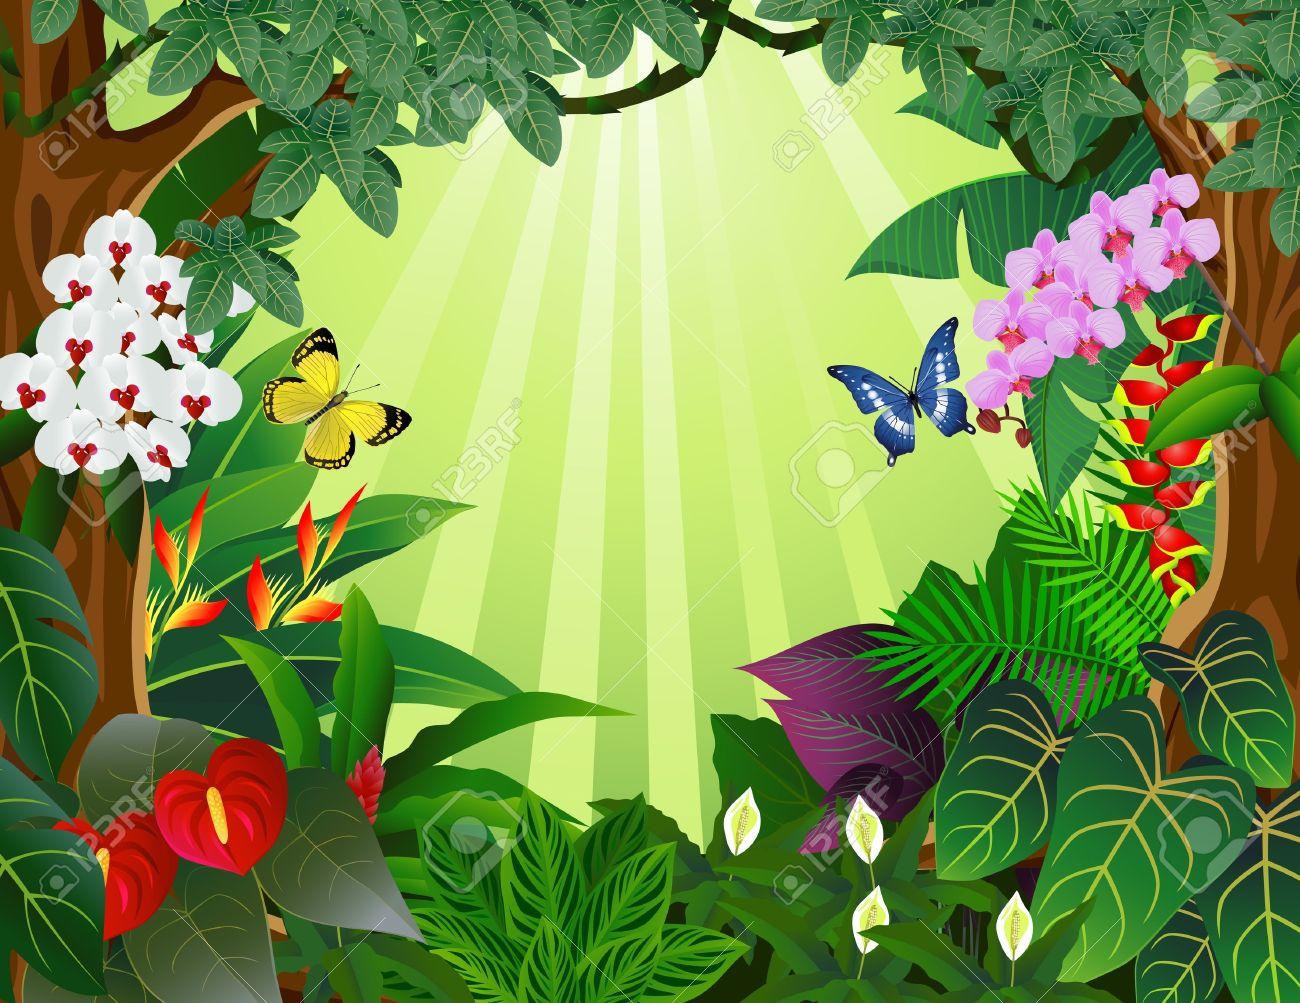 Rainforest Clipart & Rainforest Clip Art Images.